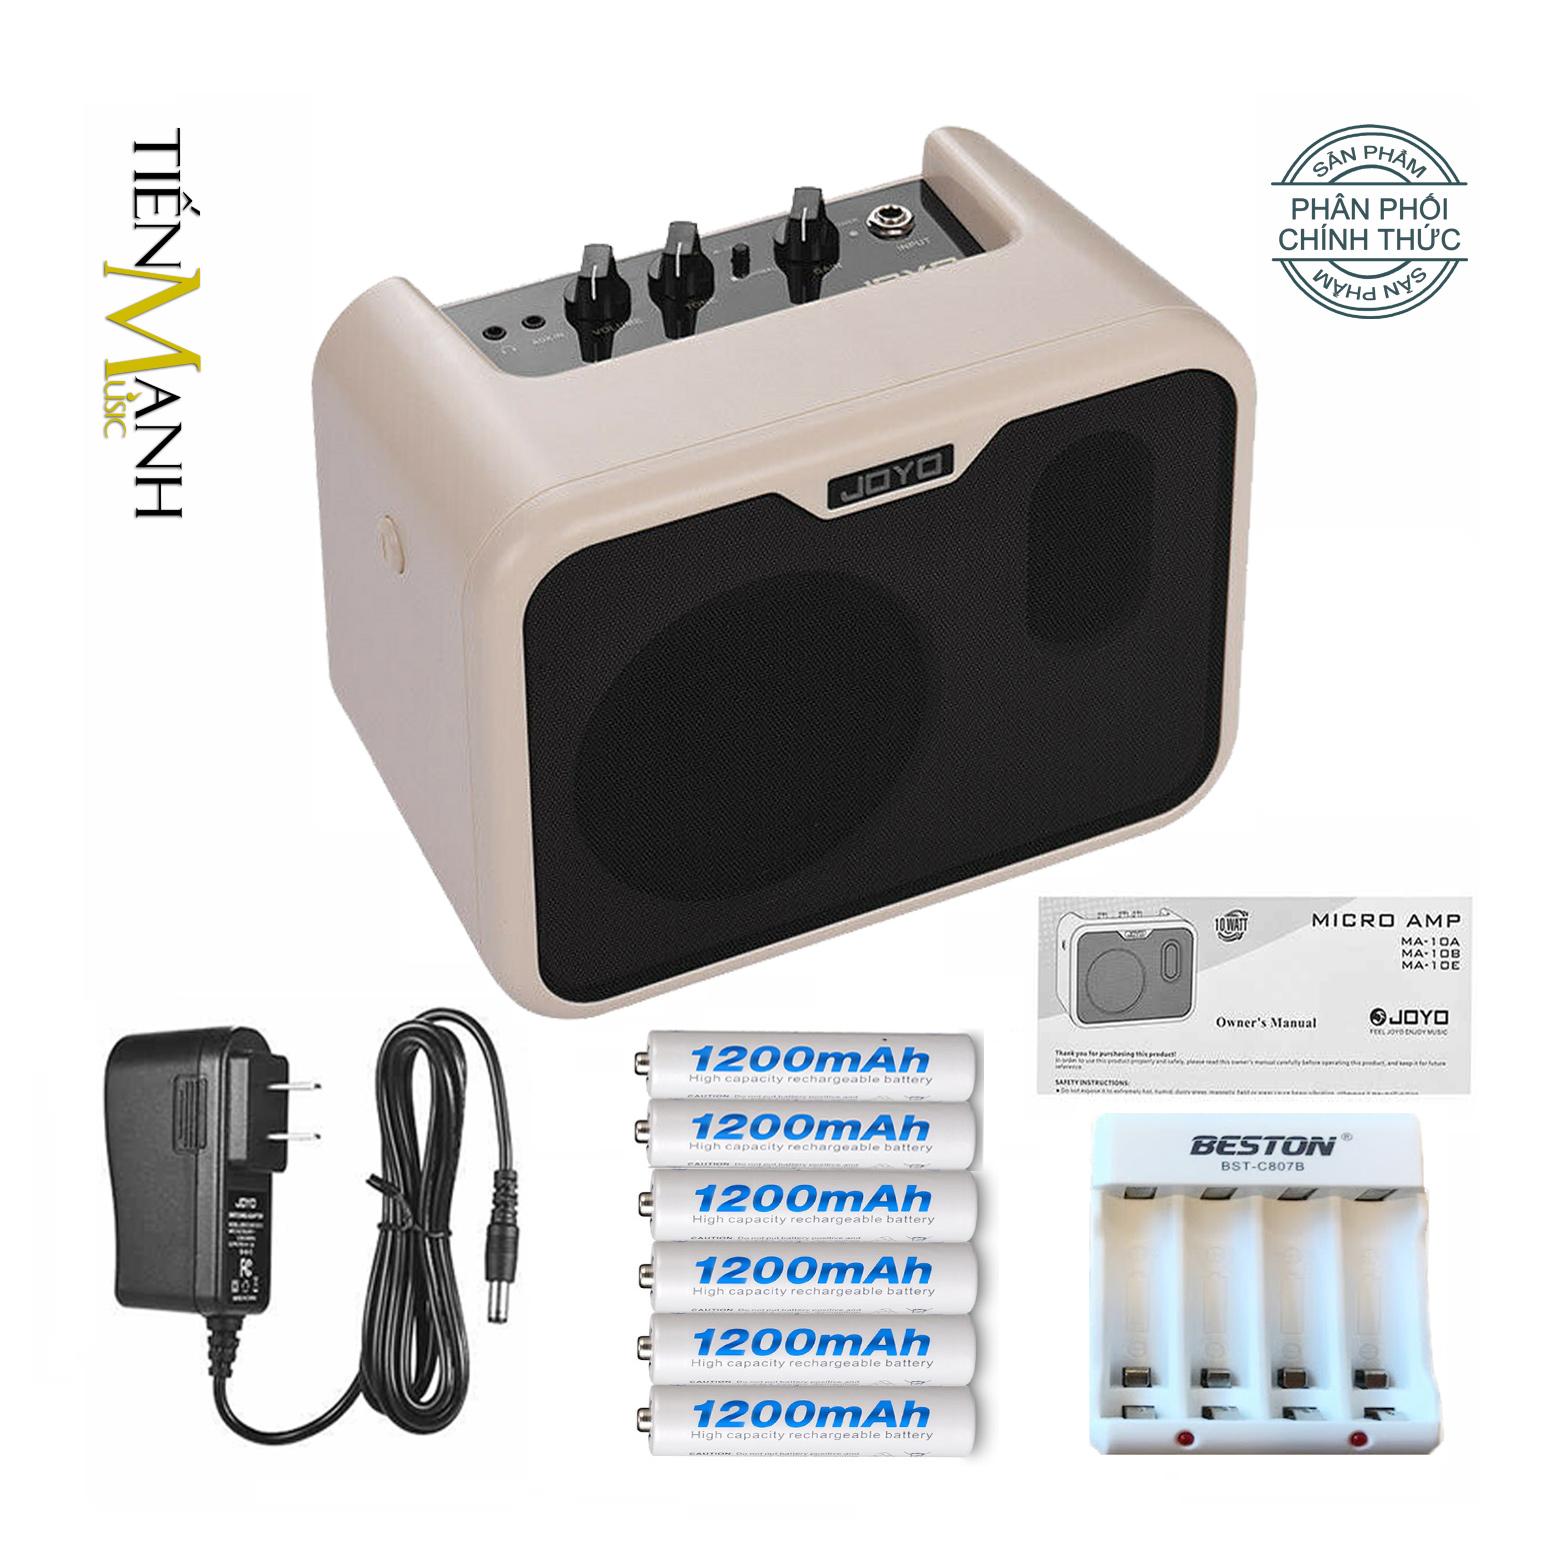 Ampli Cho Đàn Guitar Bass Joyo MA-10B 10W - Kèm Nguồn, 6 Cục Pin Sạc, Bộ Sạc Pin (Loa Amplifier) - Nhạc Cụ Mộc